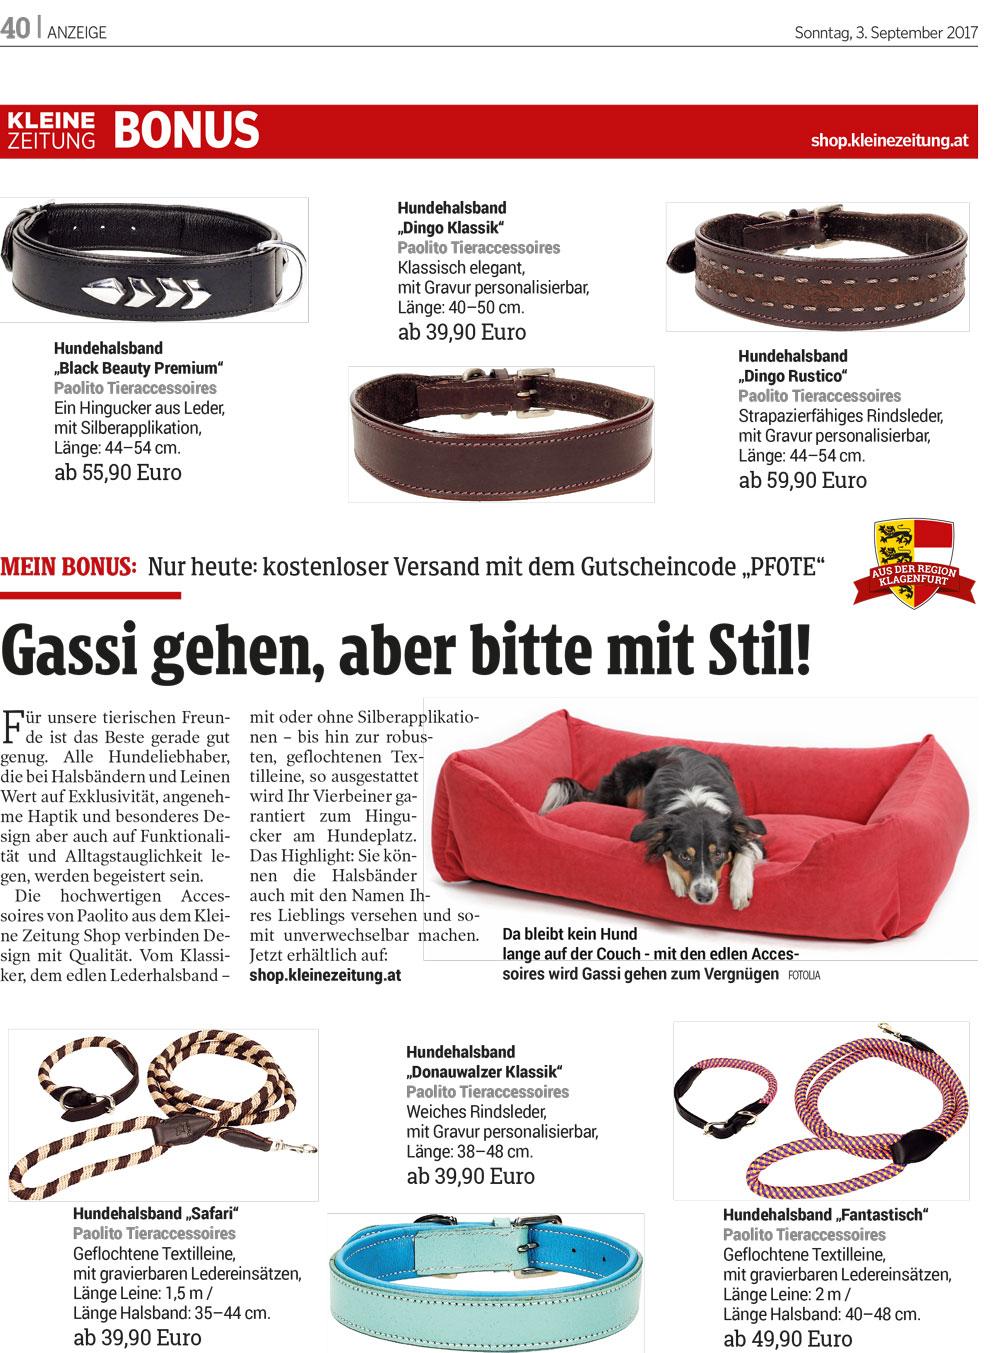 Produkte von Paolito in der Kleinen Zeitung